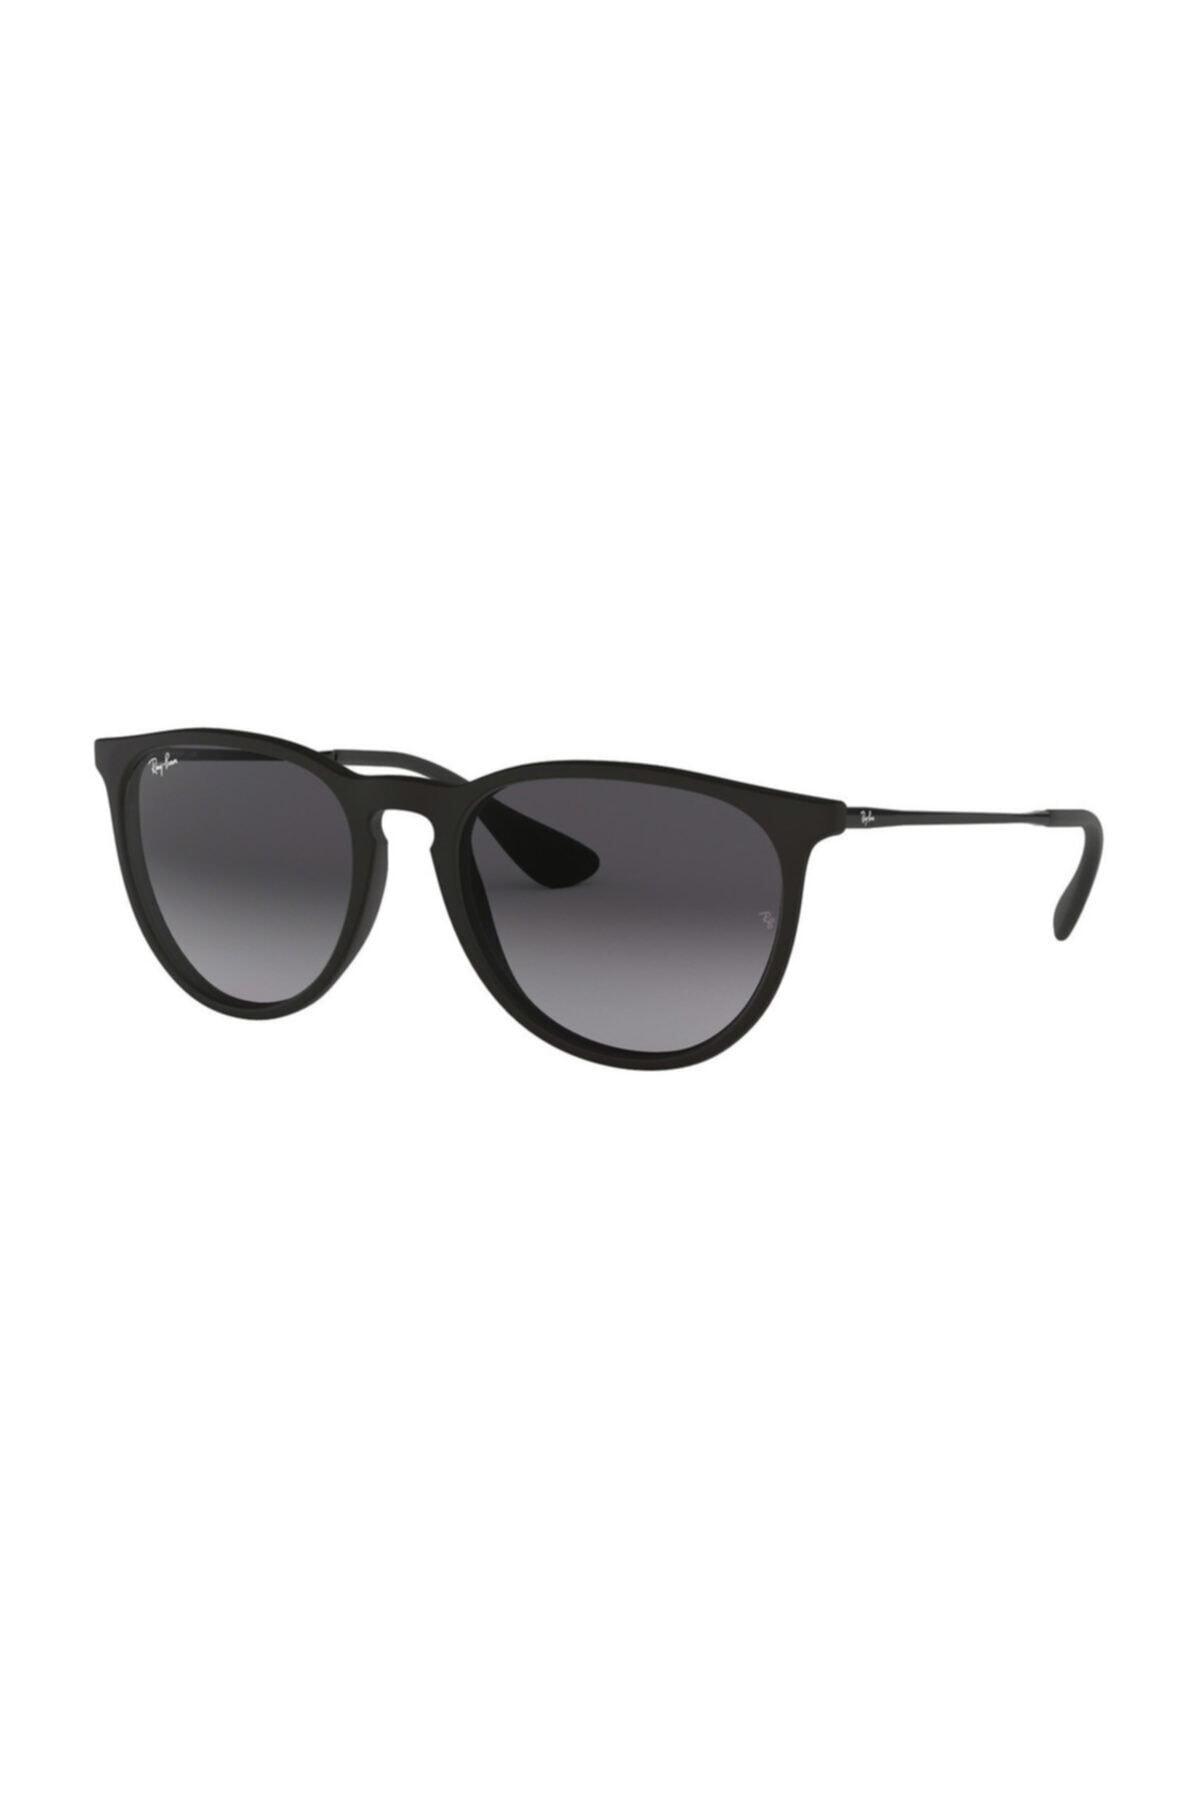 عینک آفتابی اسپرت شیک و جدید برند ری بن رنگ مشکی کد ty37952597